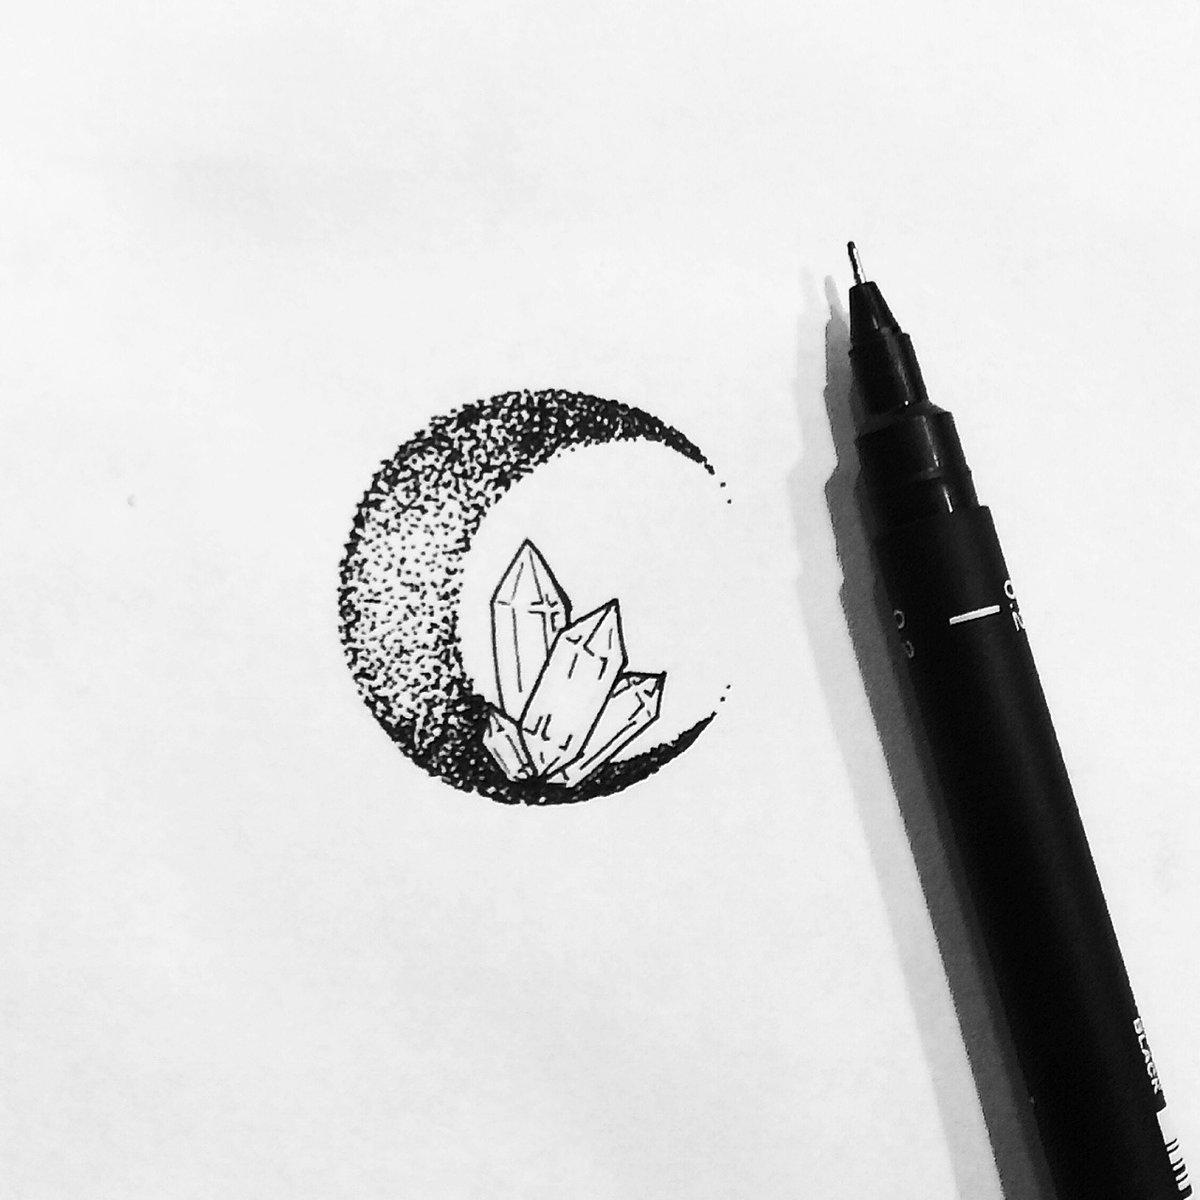 один картинки для рисования черной гелевой ручкой простые повнимательнее рыбке подумолось